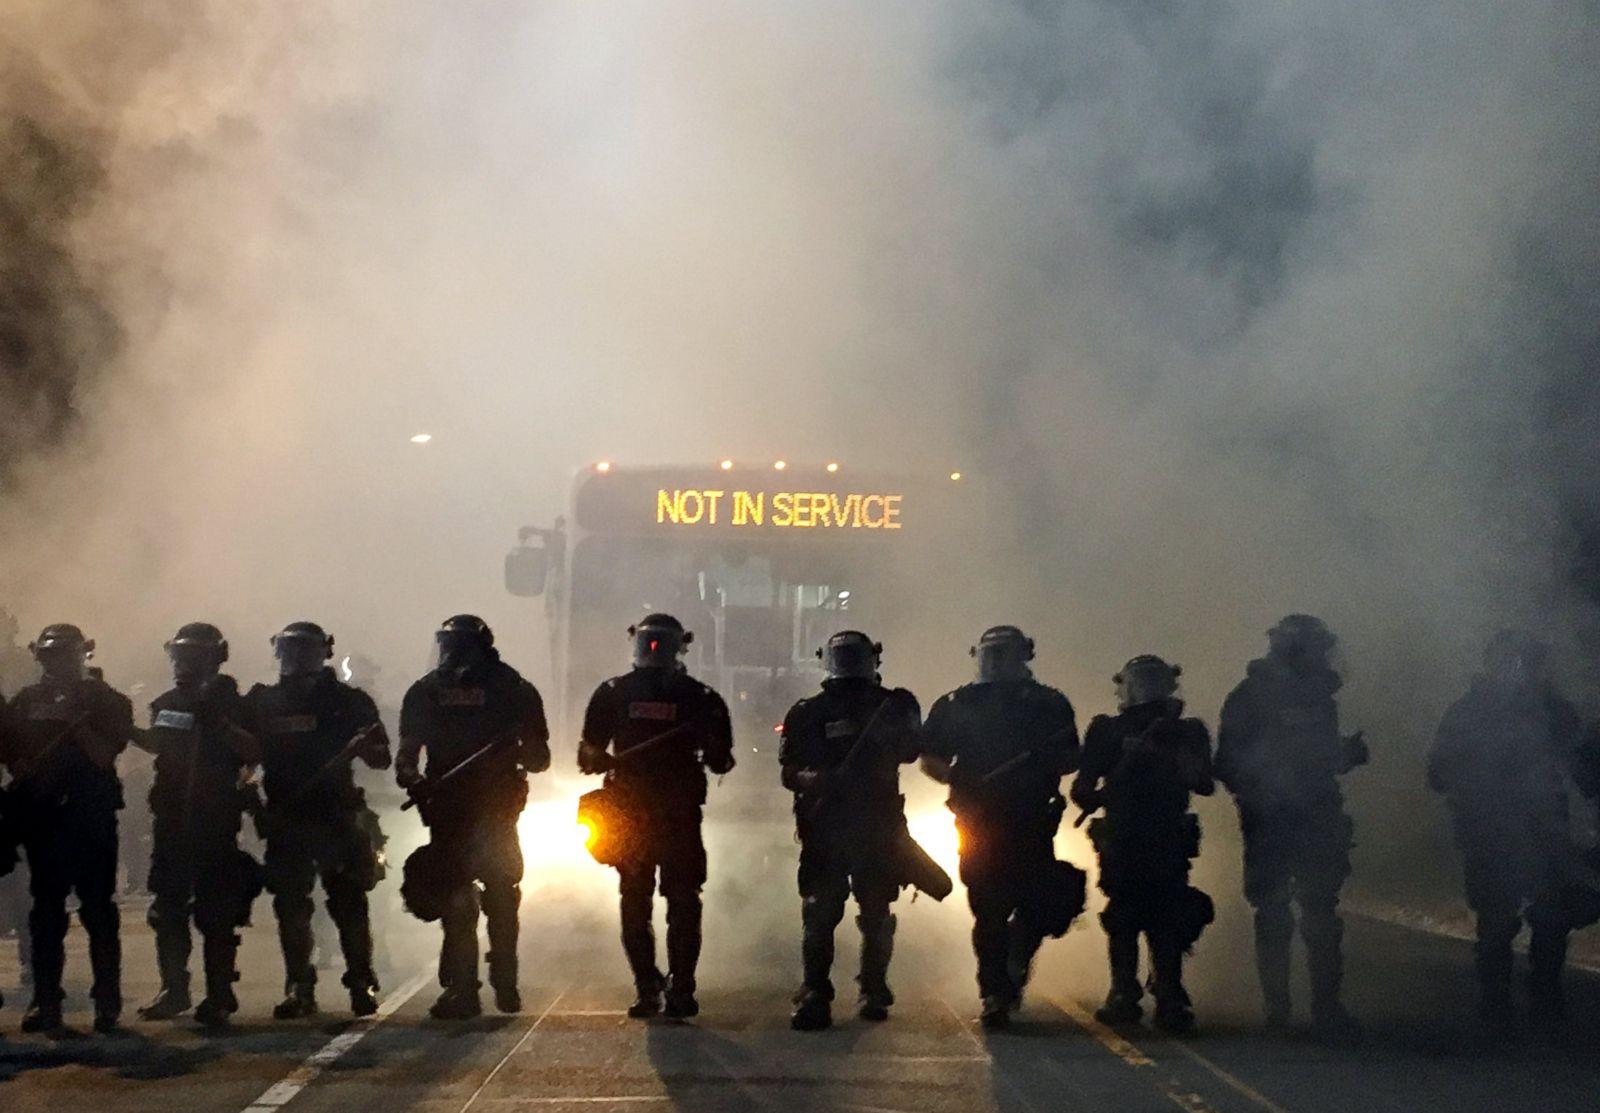 Oficiales de policía con equipo antidisturbios bloquean una carretera durante las protestas después de que la policía disparara mortalmente a Keith Lamont Scott, 43, en el aparcamiento de un complejo de apartamentos en Charlotte, Carolina del Norte, el 20 de septiembre de 2016. Fotografía: Adam Rhew/Charlotte Magazine/Reuters